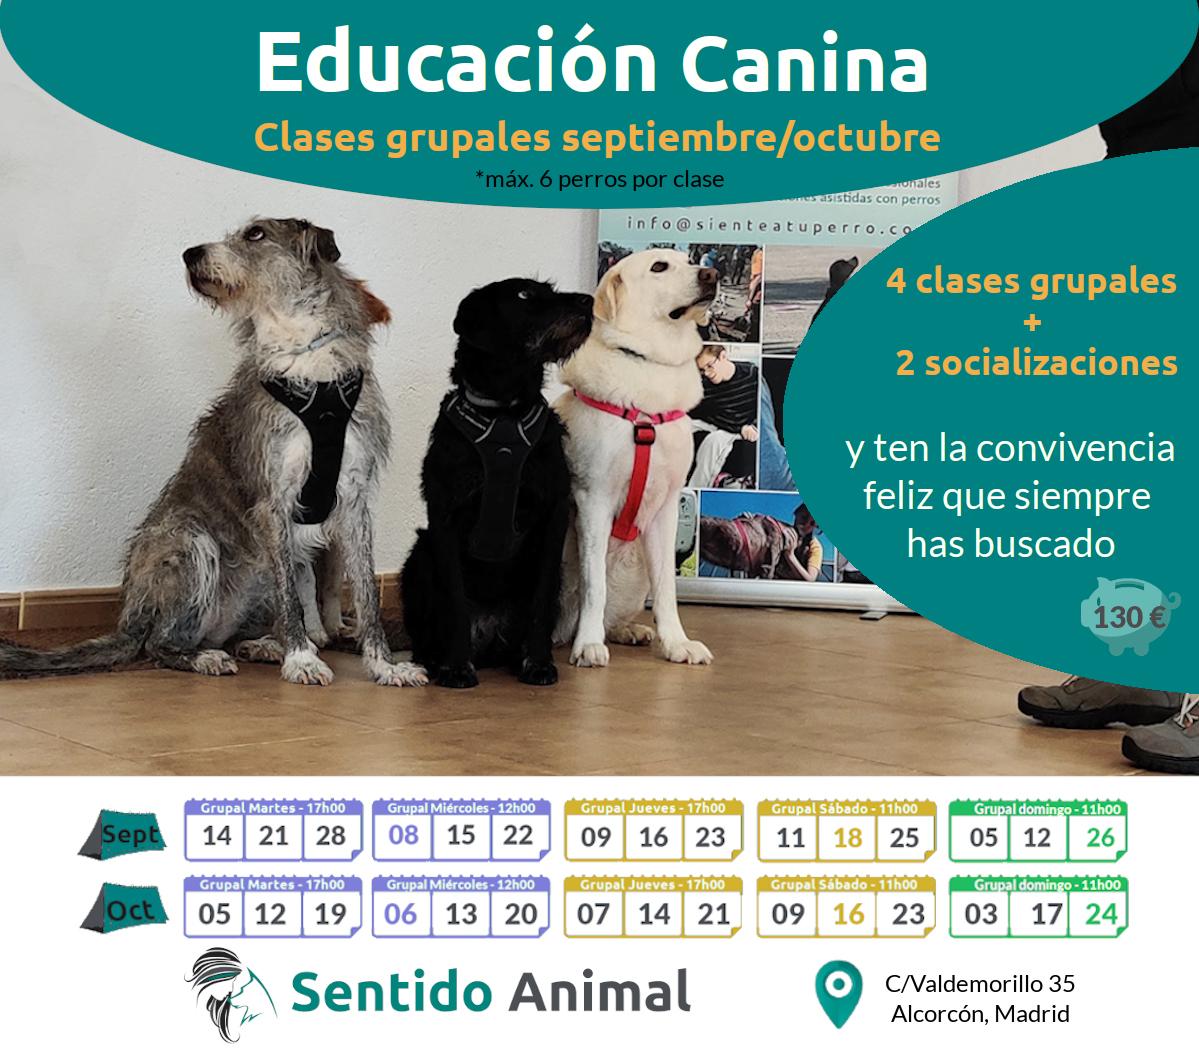 Clases grupales: educación canina – sept21